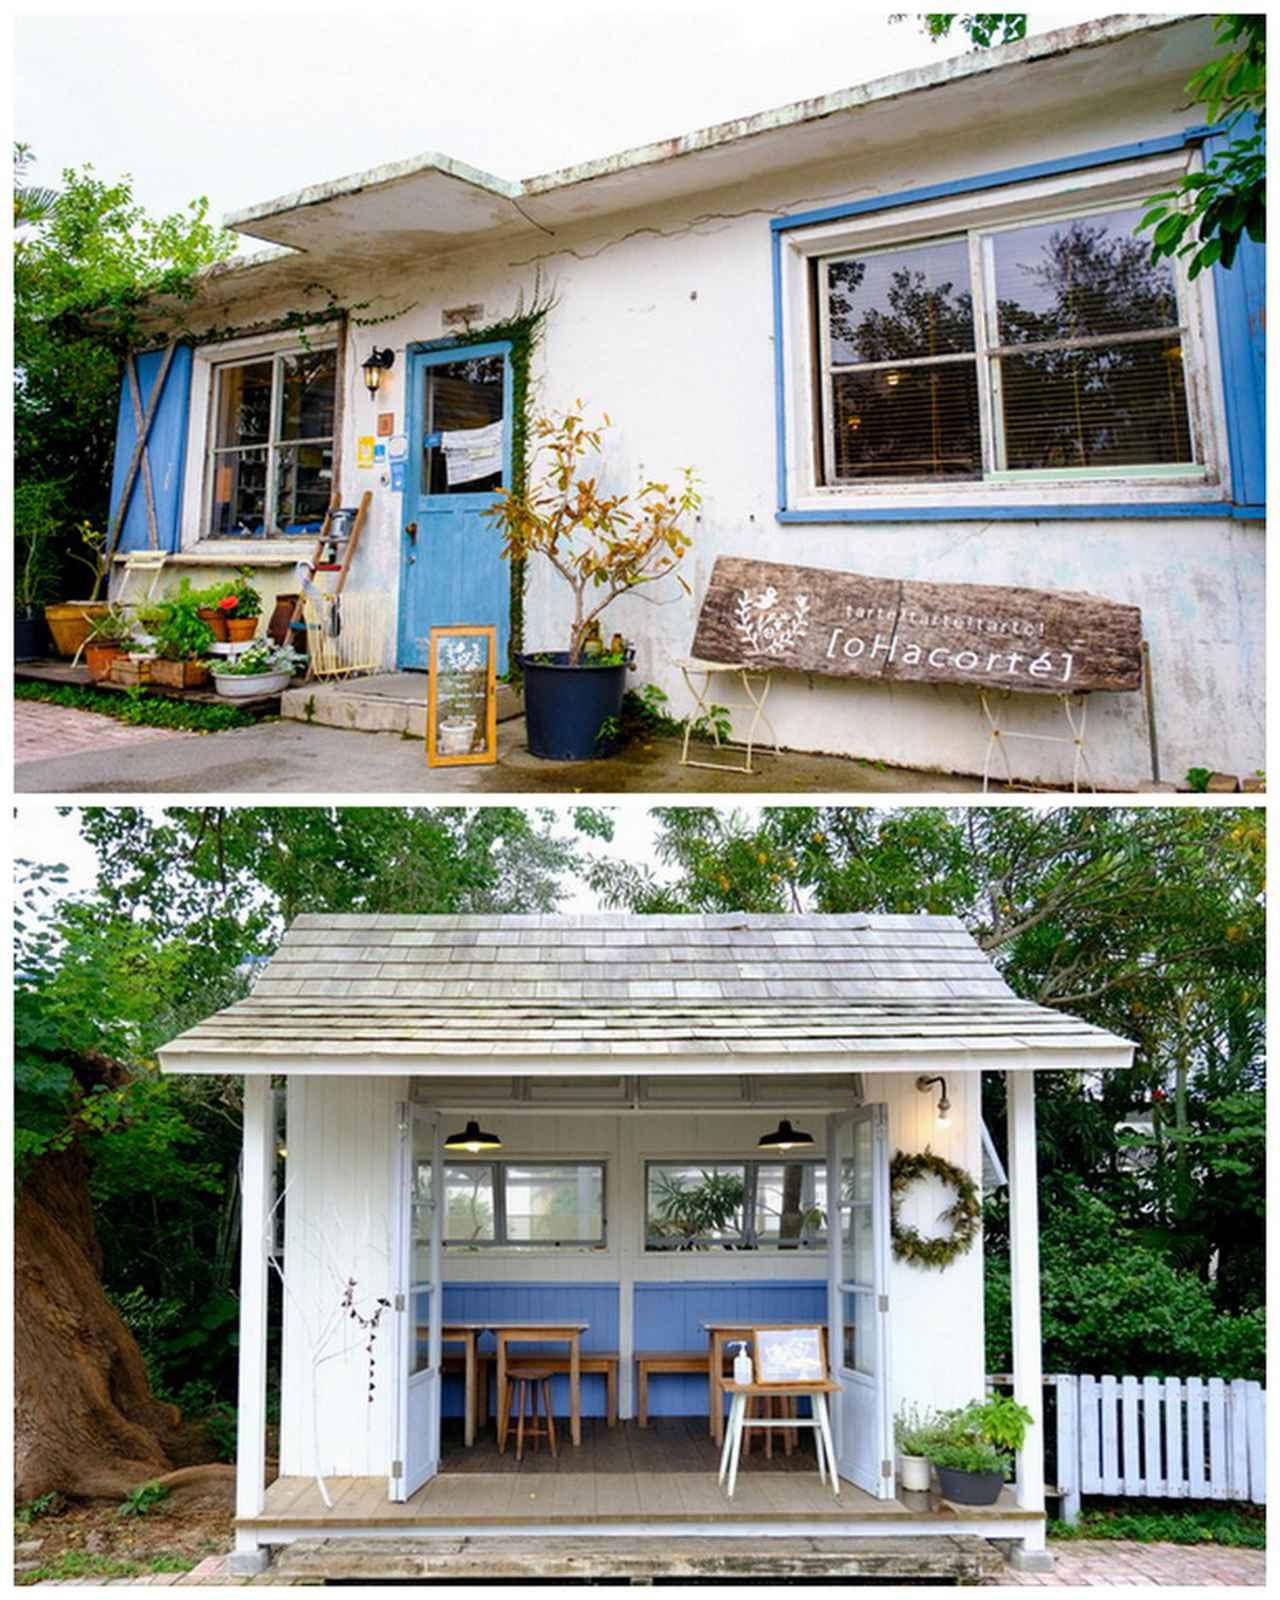 画像: ナチュラルな雰囲気の外観。庭には小屋もあります。ブルー×ホワイトの爽やかな色合いです。